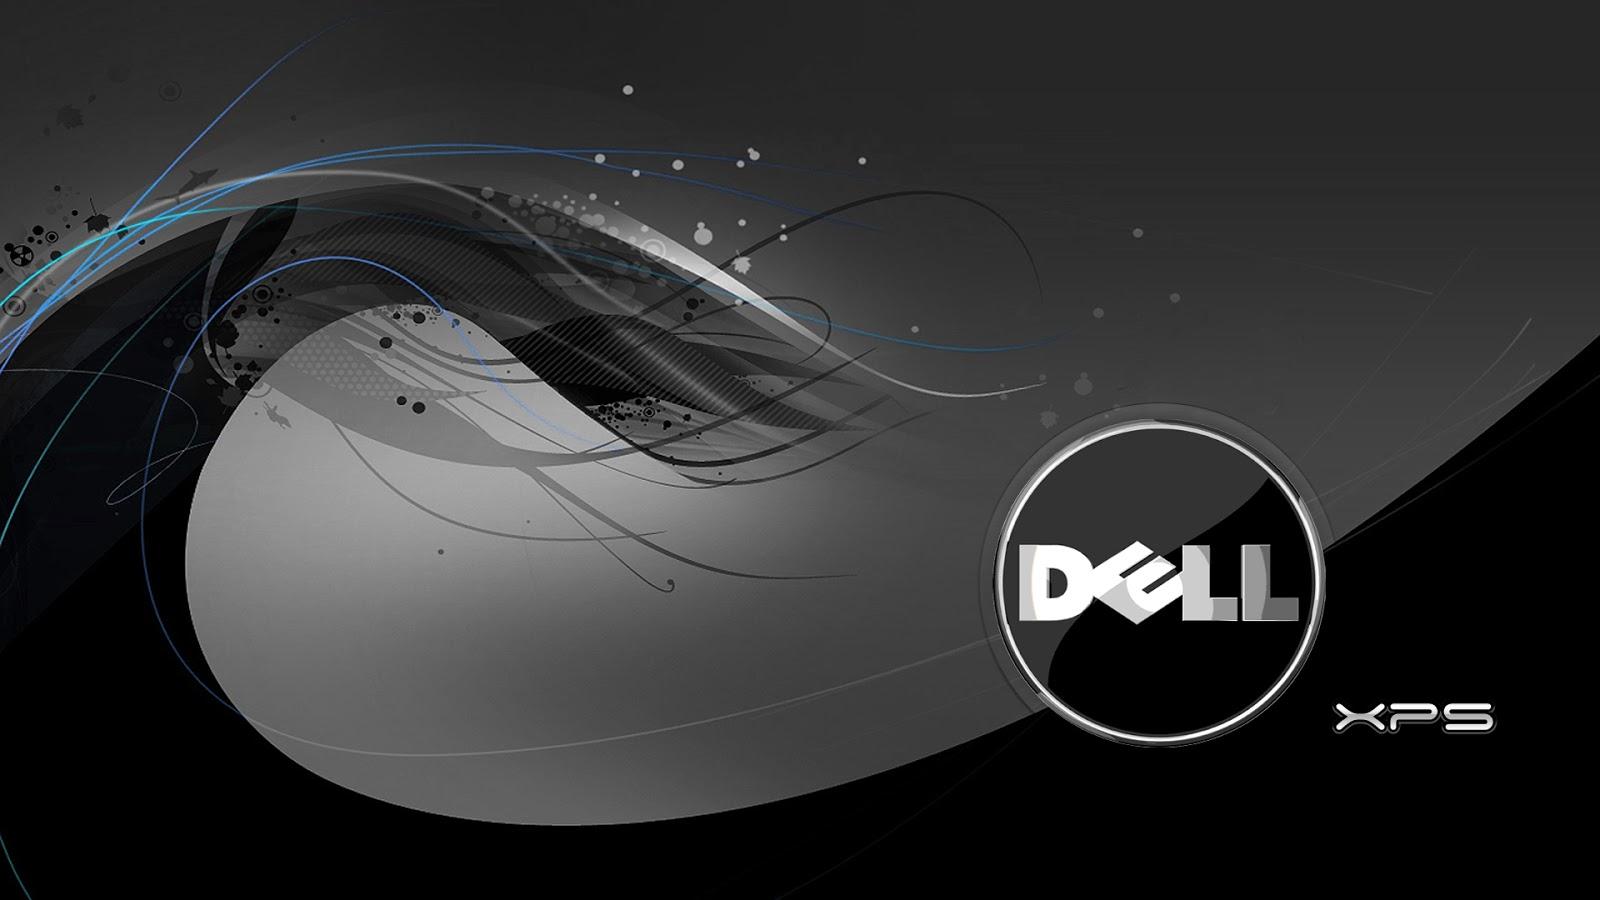 Windows Için Hd Dell Arka Plan Dell Duvar Kağıdı Resimleri